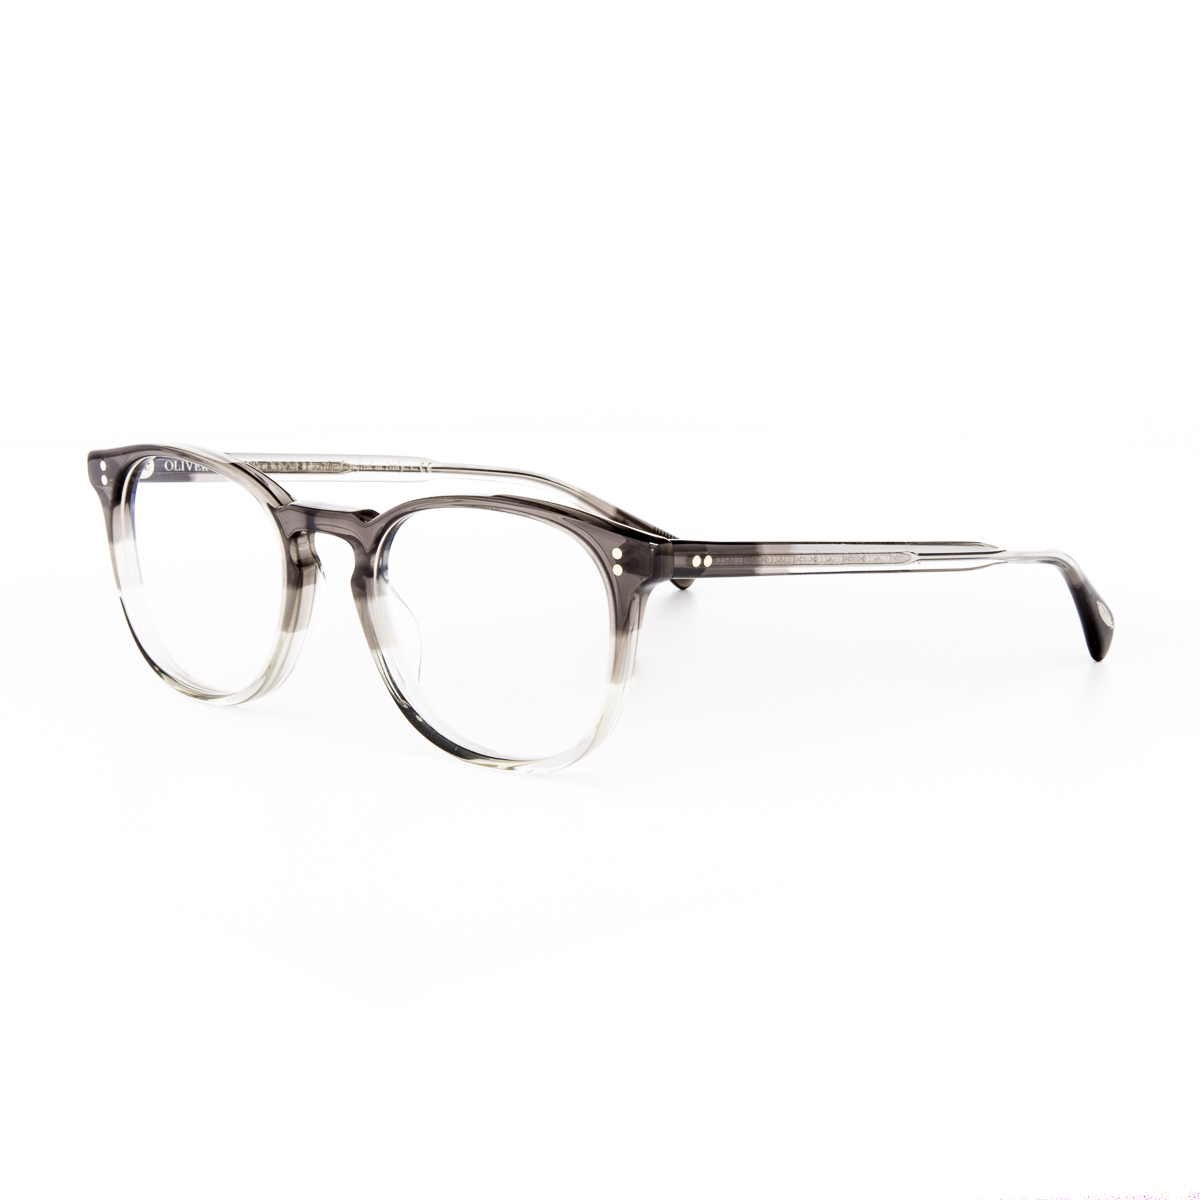 Glasses Frame Fading : Oliver Peoples OV5298U Finley ESQ Eyeglasses Vintage Grey ...